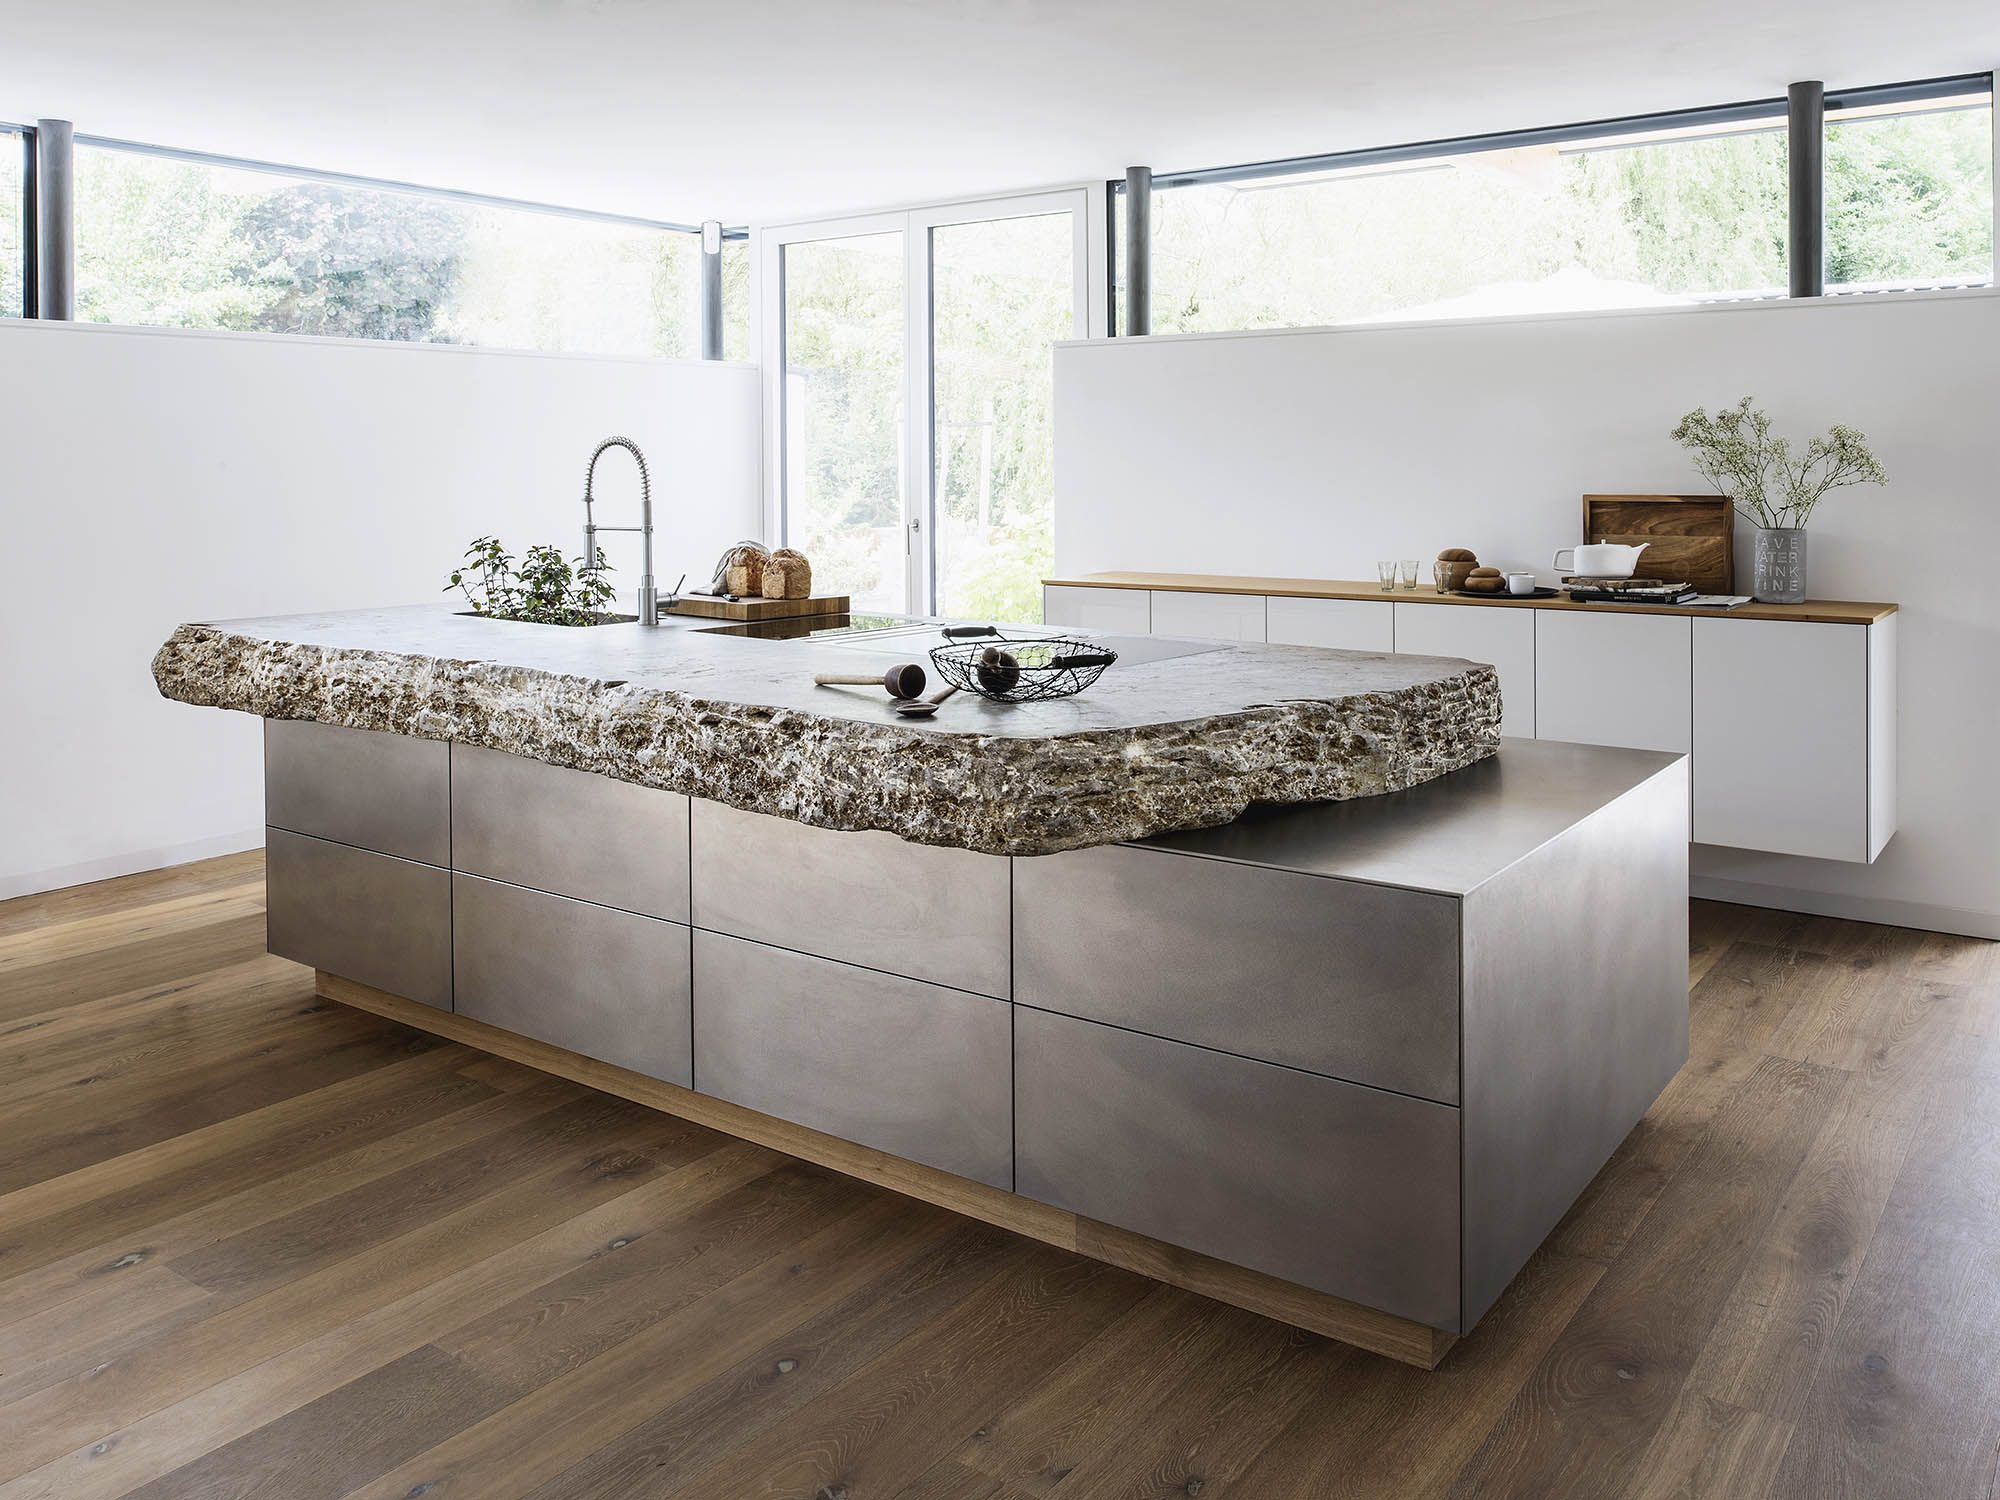 Arbeitsplatten Küche Naturstein | Arbeitsplatten Marmor Frankfurth